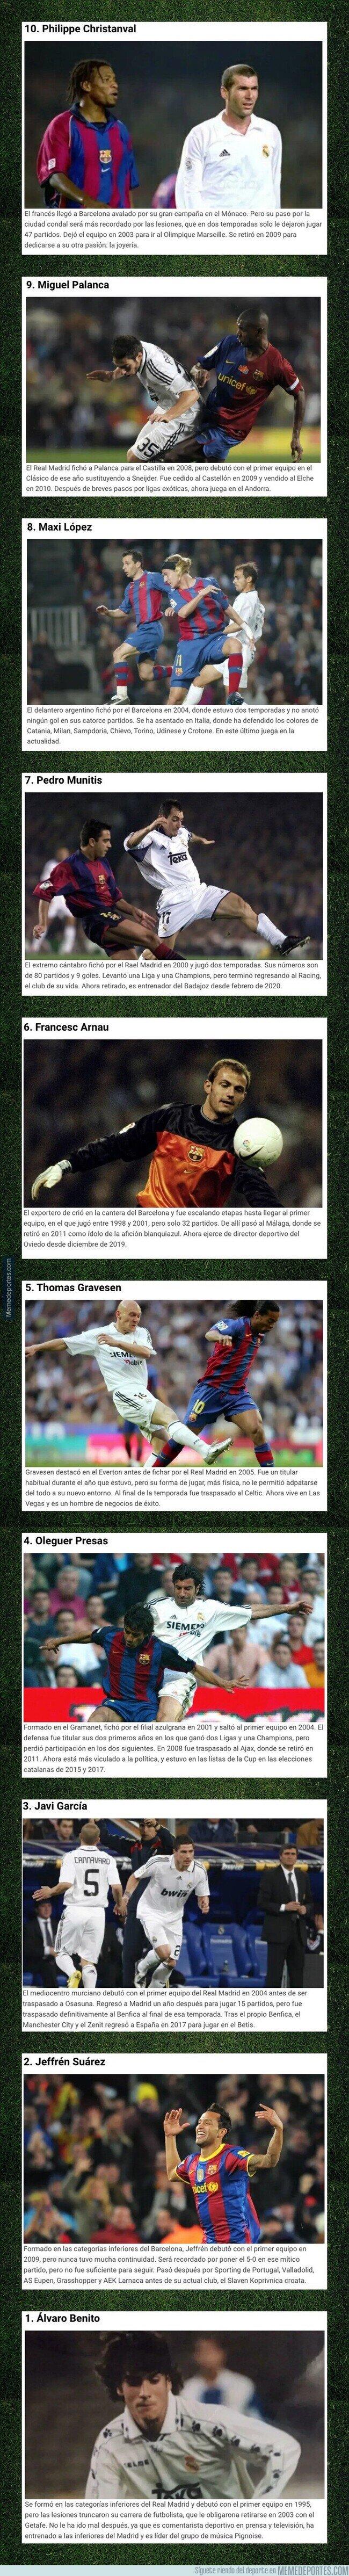 1099437 - Estos son 10 jugadores que no recordabas que habían jugado un Barça-Real Madrid